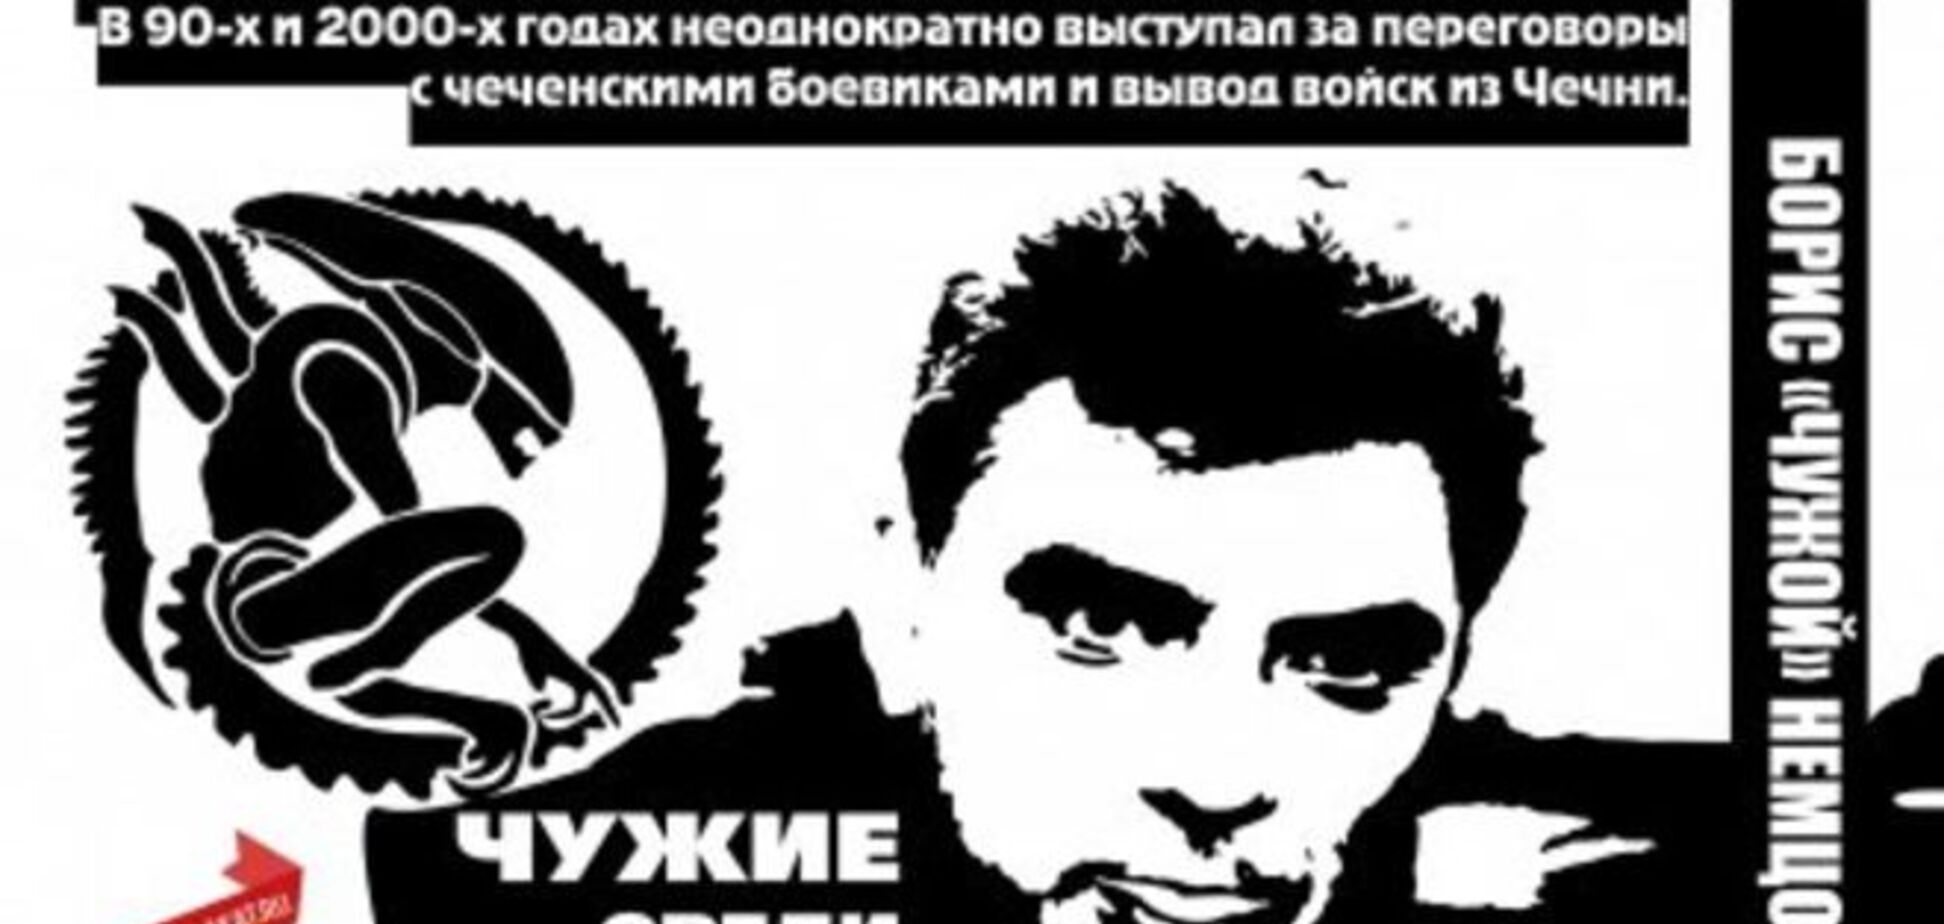 Кастрированных украинских военнопленных и 'героя обезьяну' придумали в Москве